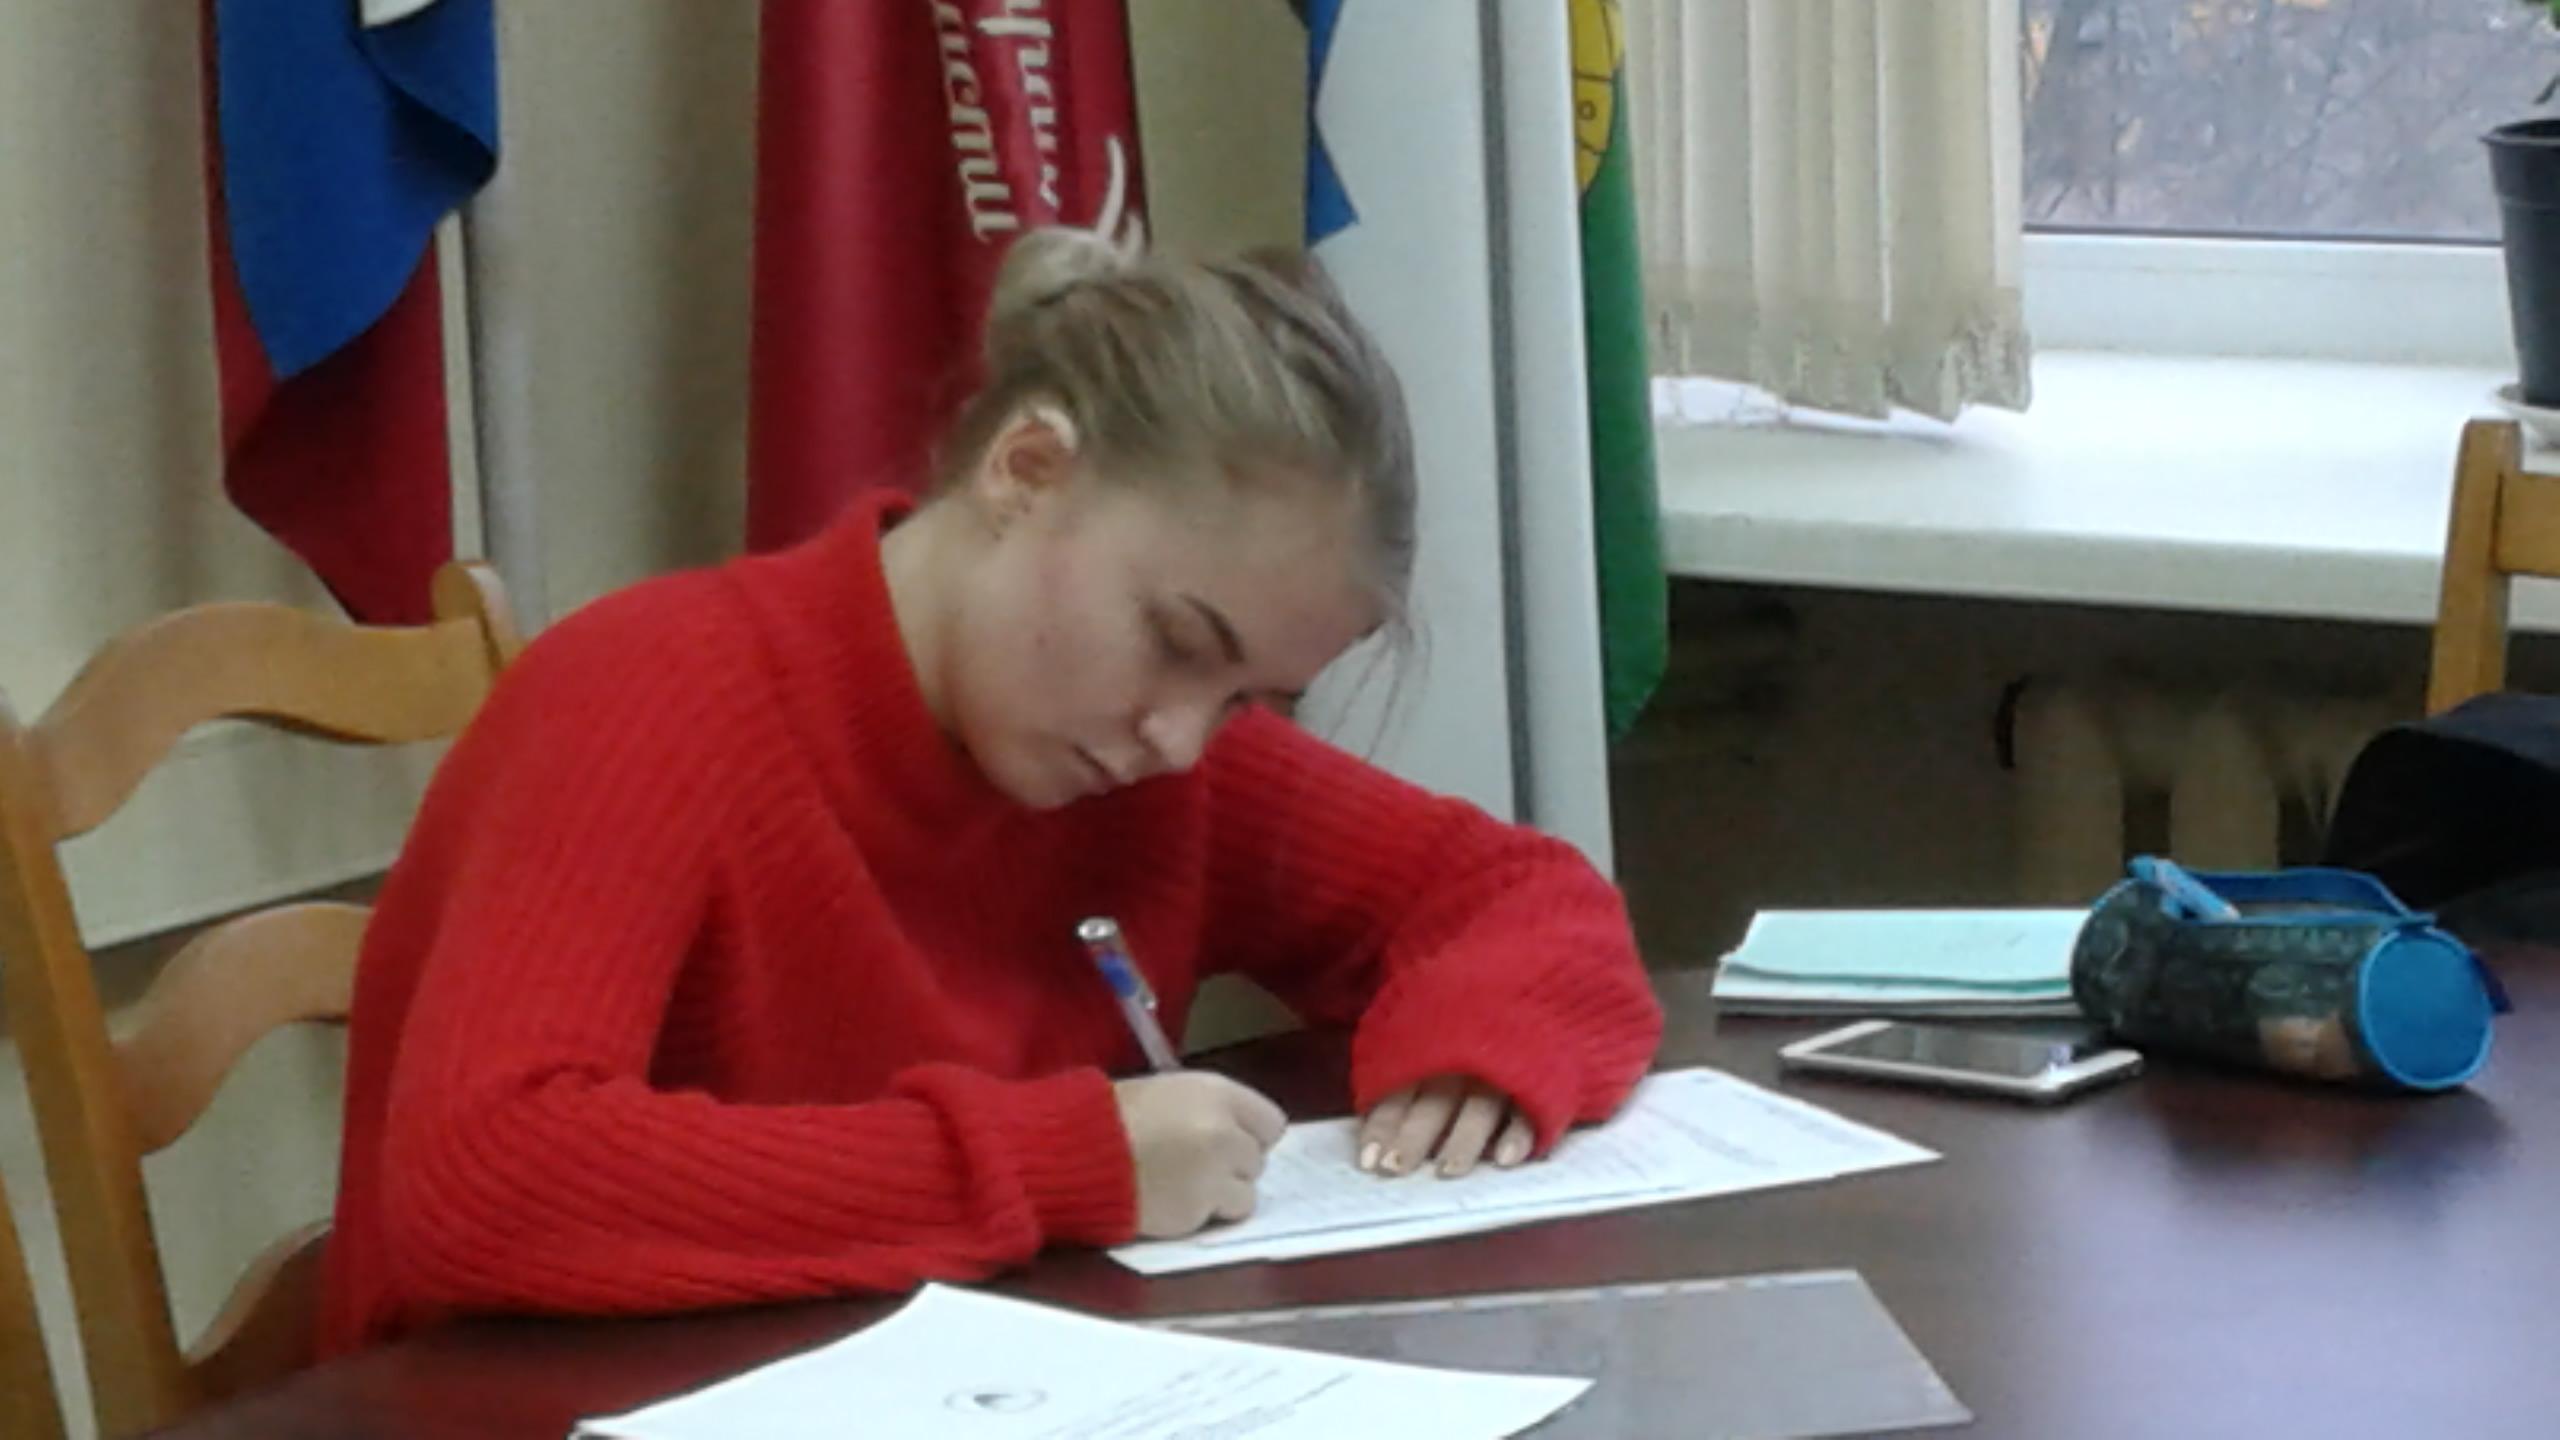 20 ноября 2019 года  прошел  этап региональной Всероссийской олимпиады для школьников по вопросам избирательного права и избирательного процесса